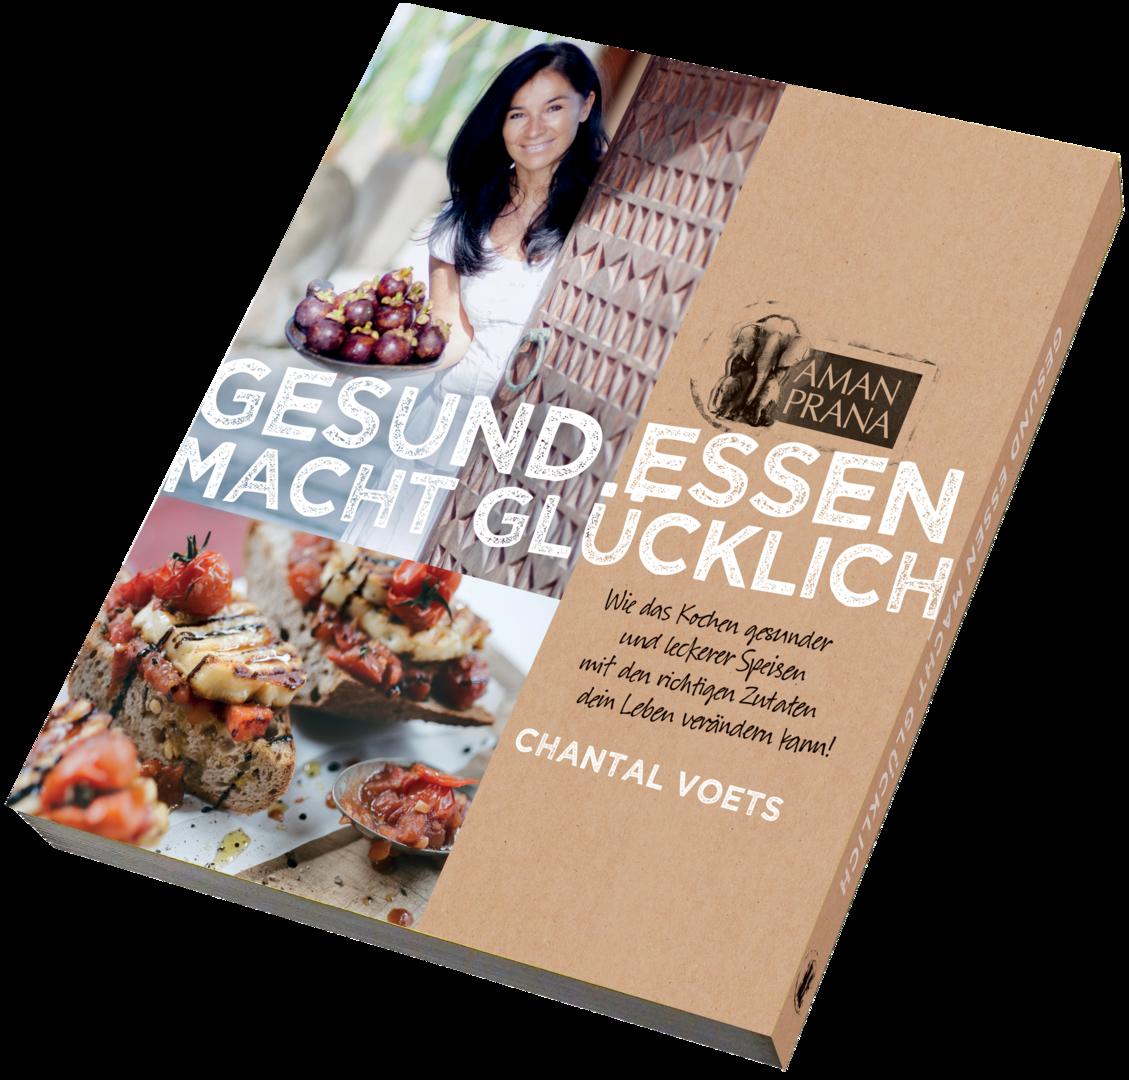 Buch Gesund essen macht glücklich von Amanpranas Chantal Voets